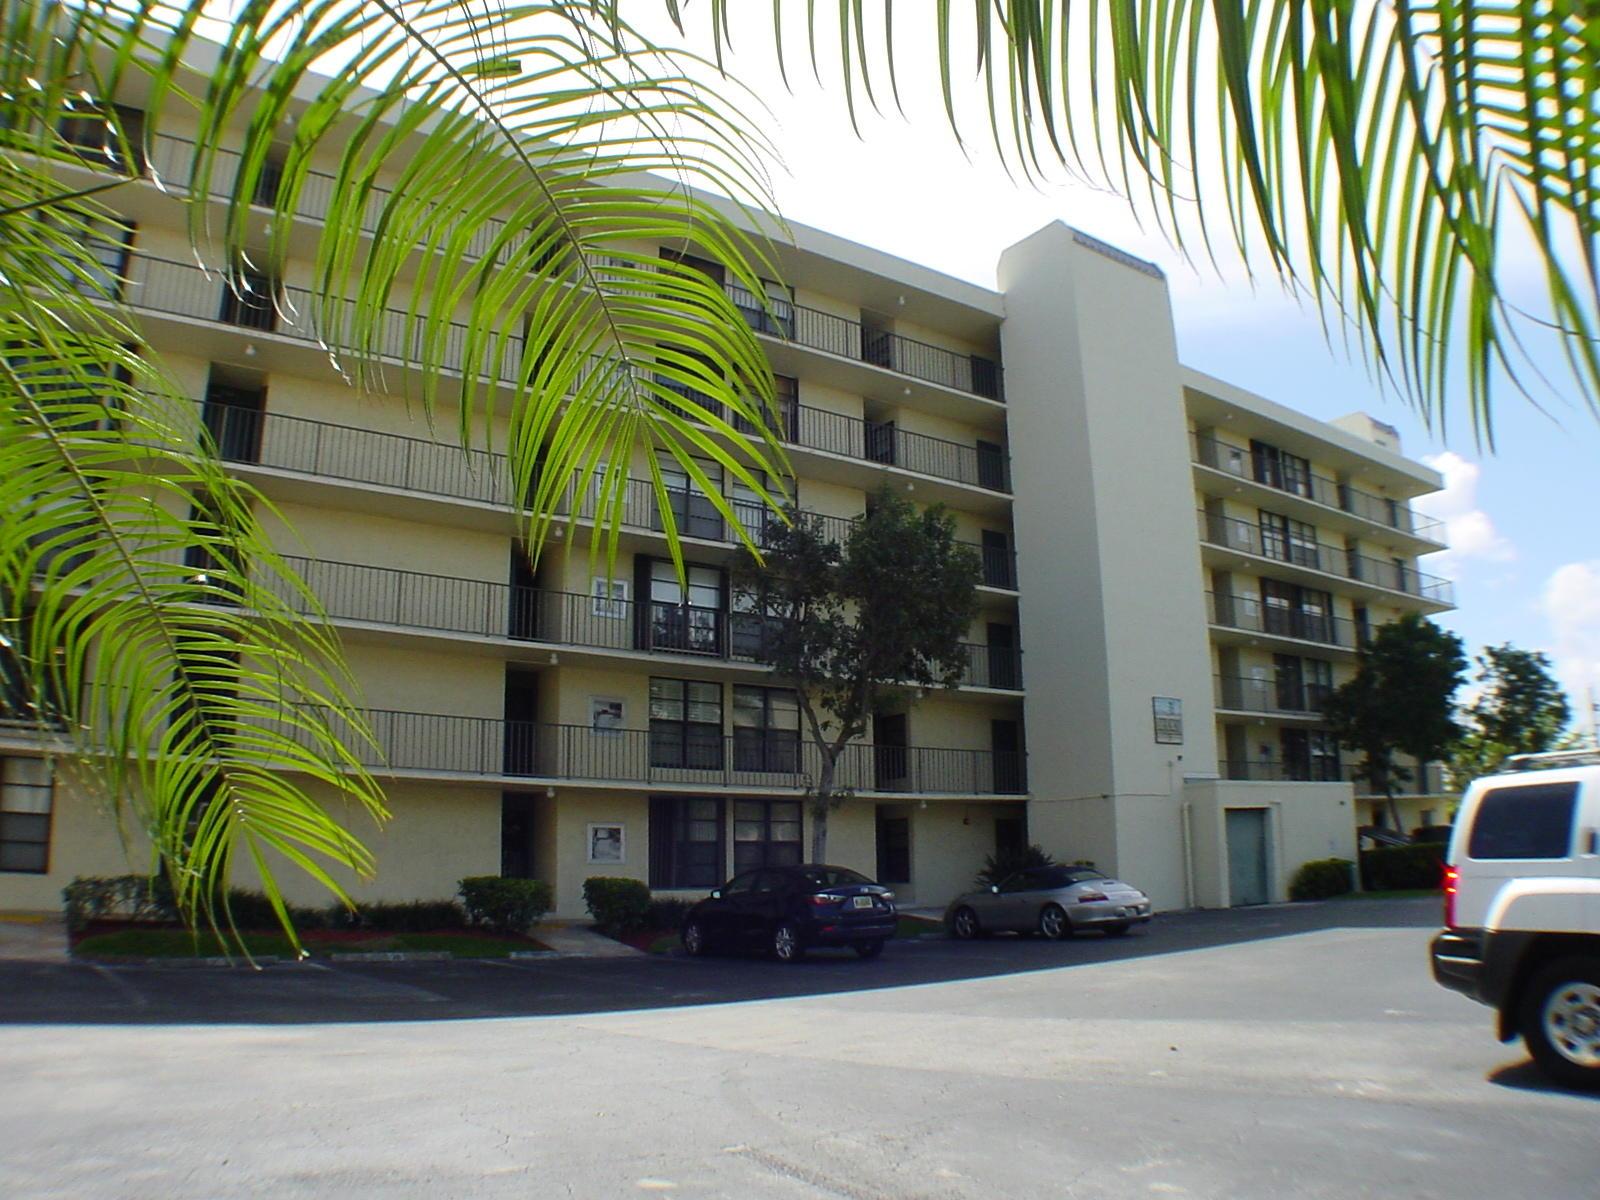 3 Royal Palm Way #106 Boca Raton, FL 33432